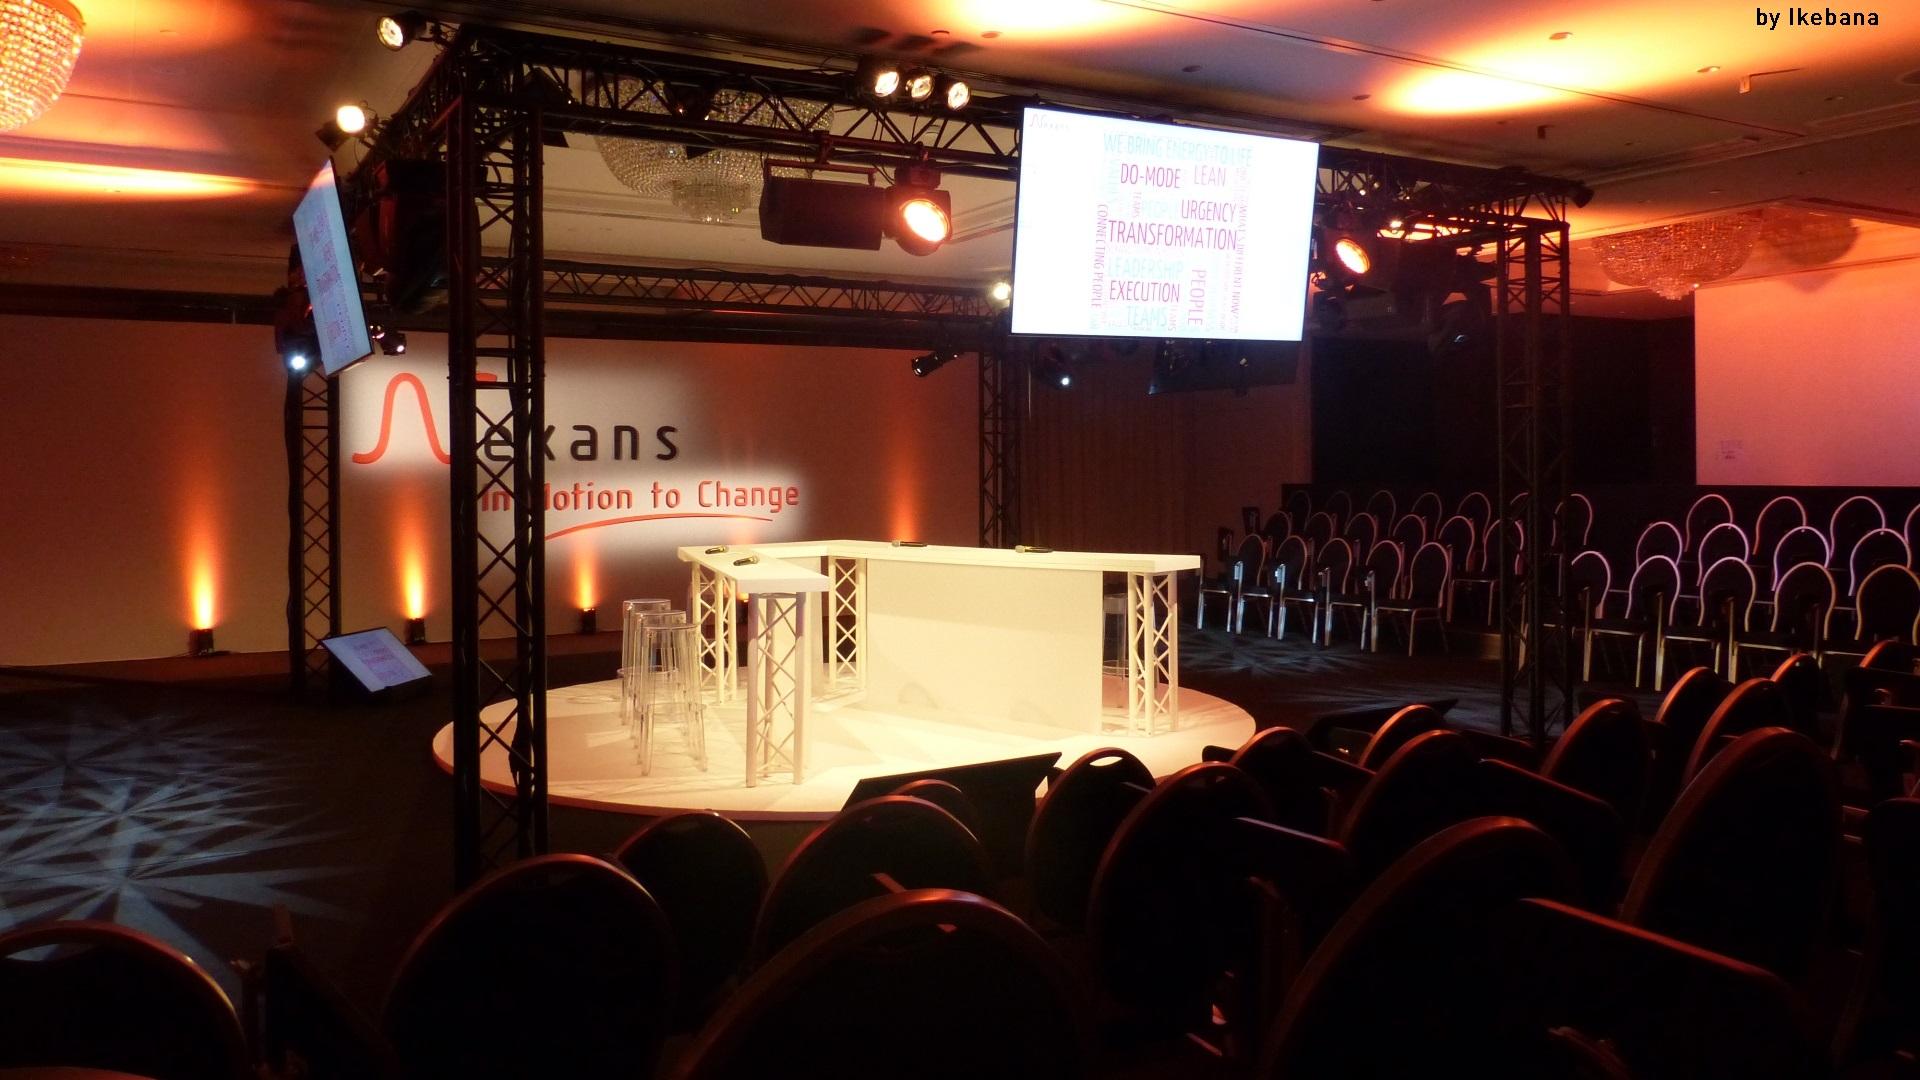 Séminaire NEXANS à Bruxelles - plénière - fond de scène - déco scénique - équipements son éclairage vidéo - matériel audiovisuel - nice - marseille - paris-aucop-ikebana